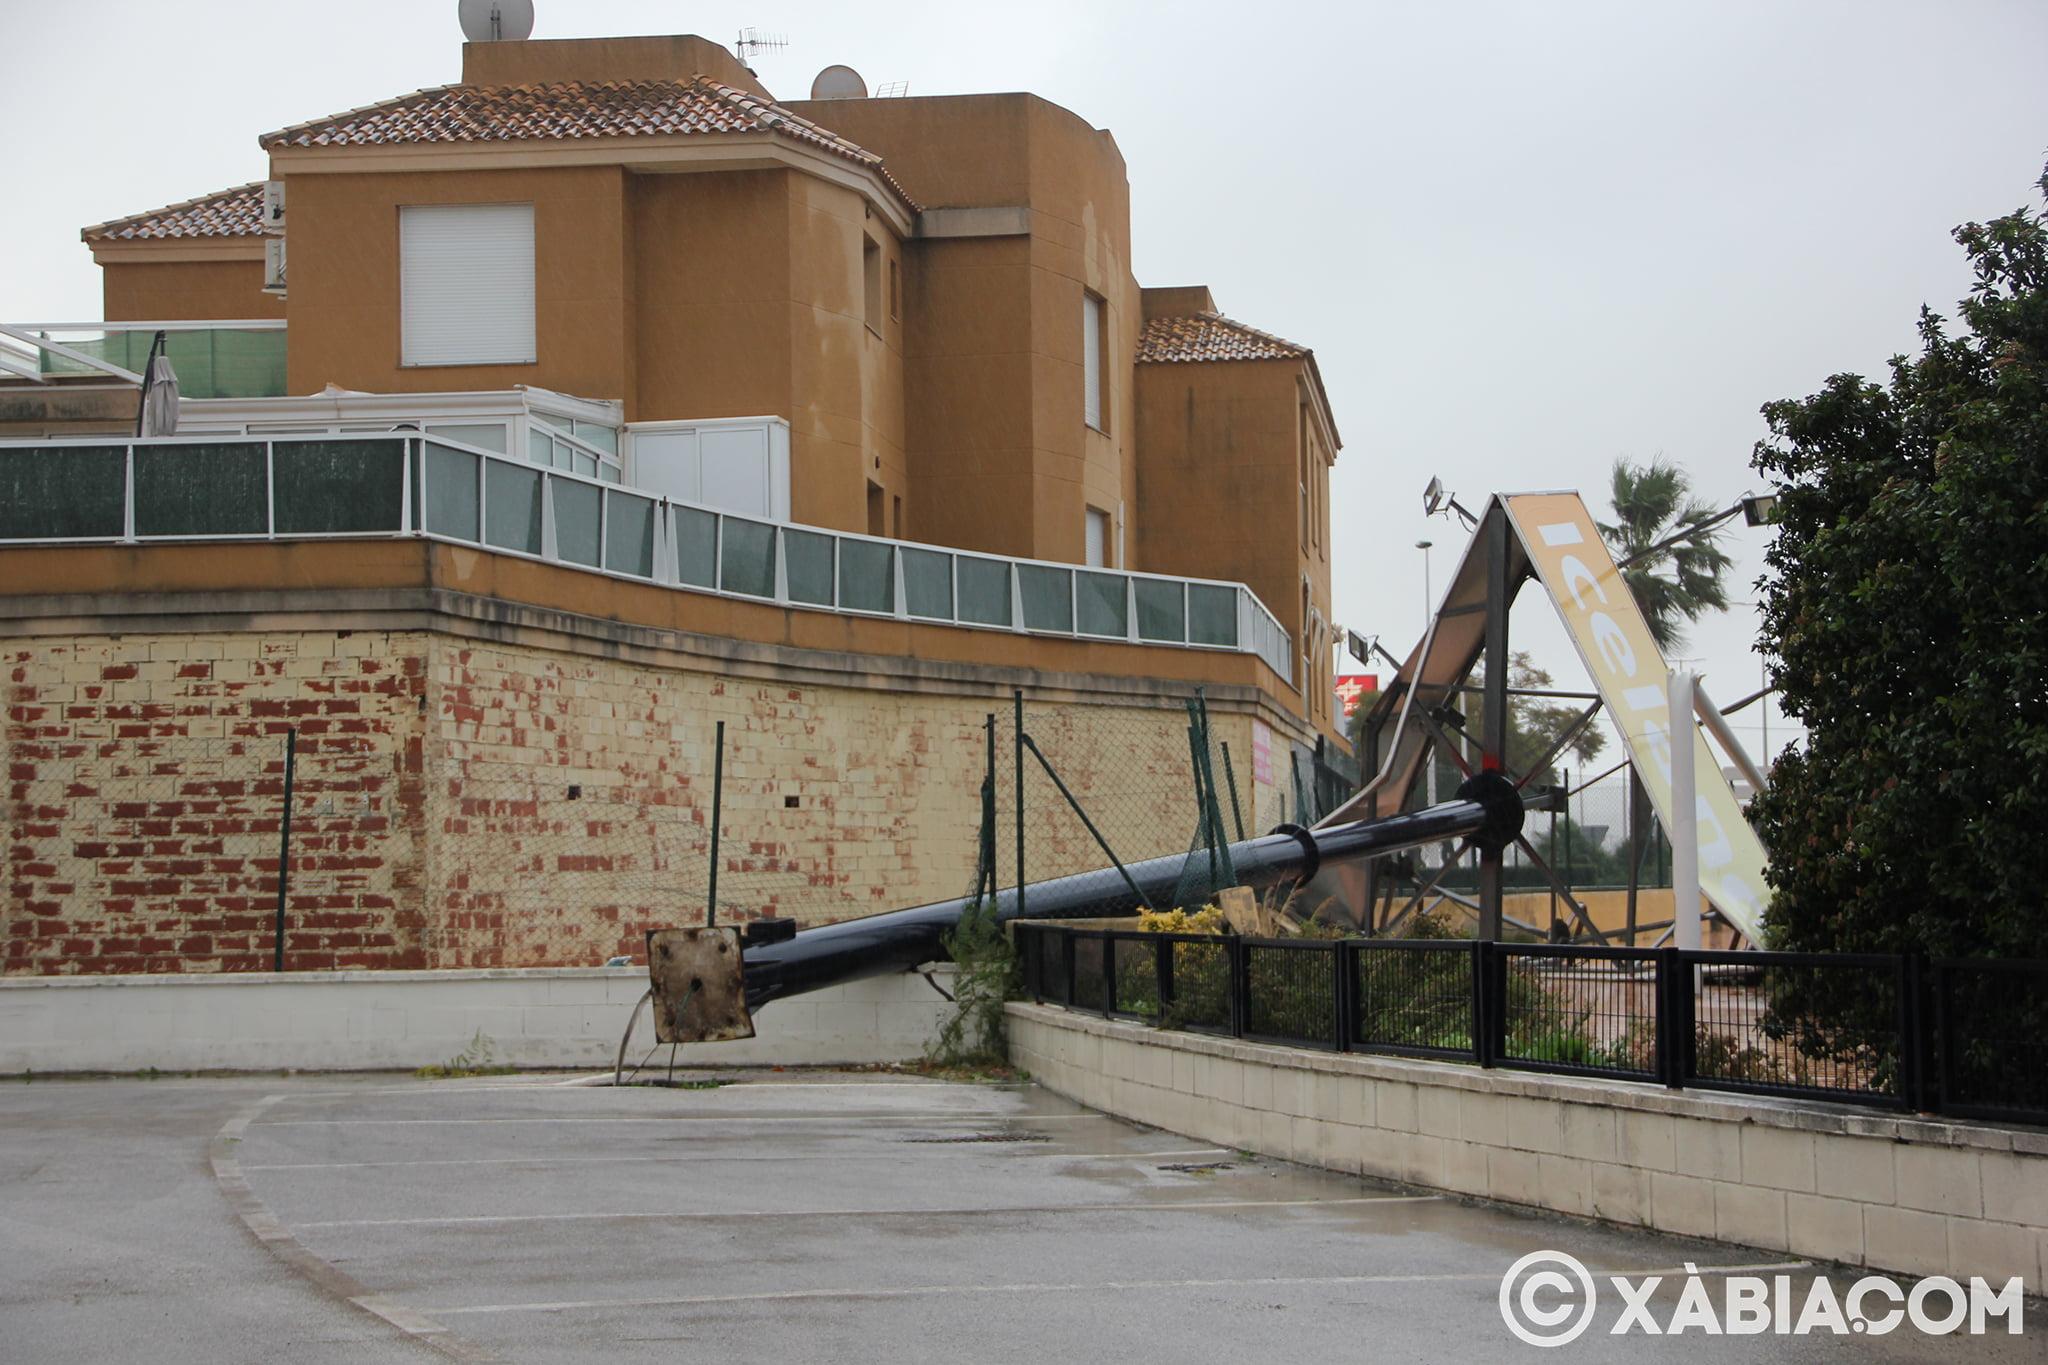 Brandelli di pioggia, vento e mare in Xàbia (42)